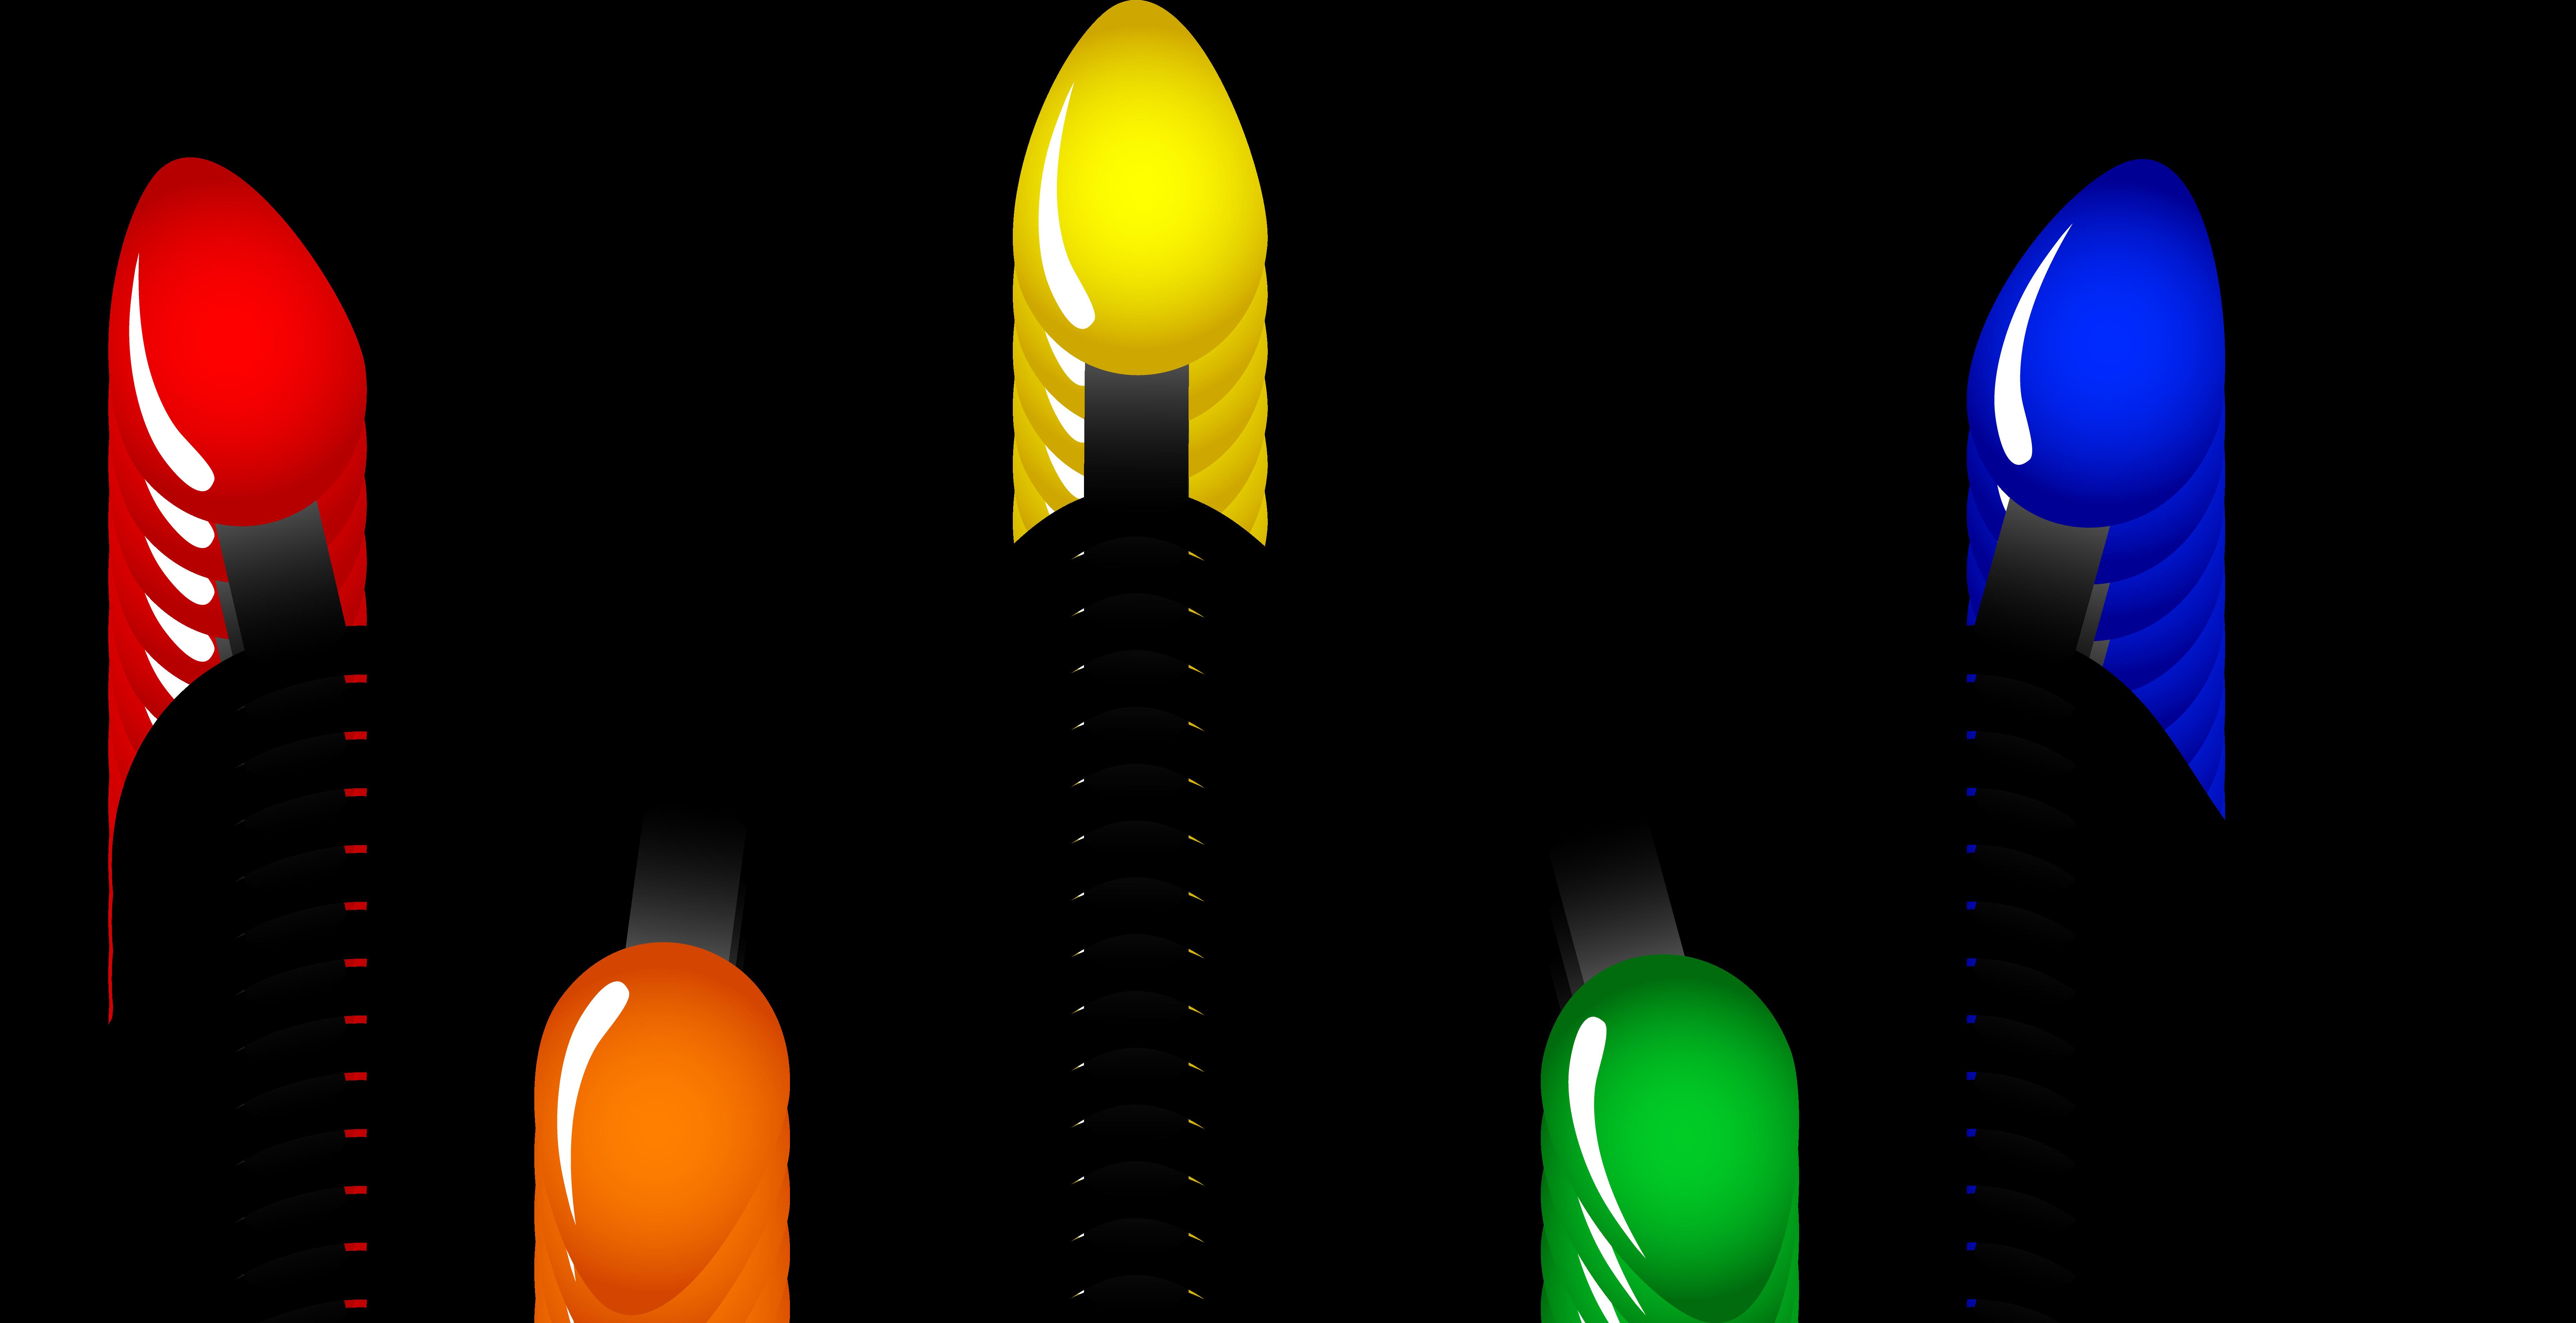 7709x3959 Light Bulb Border Clip Art 101 Clip Art